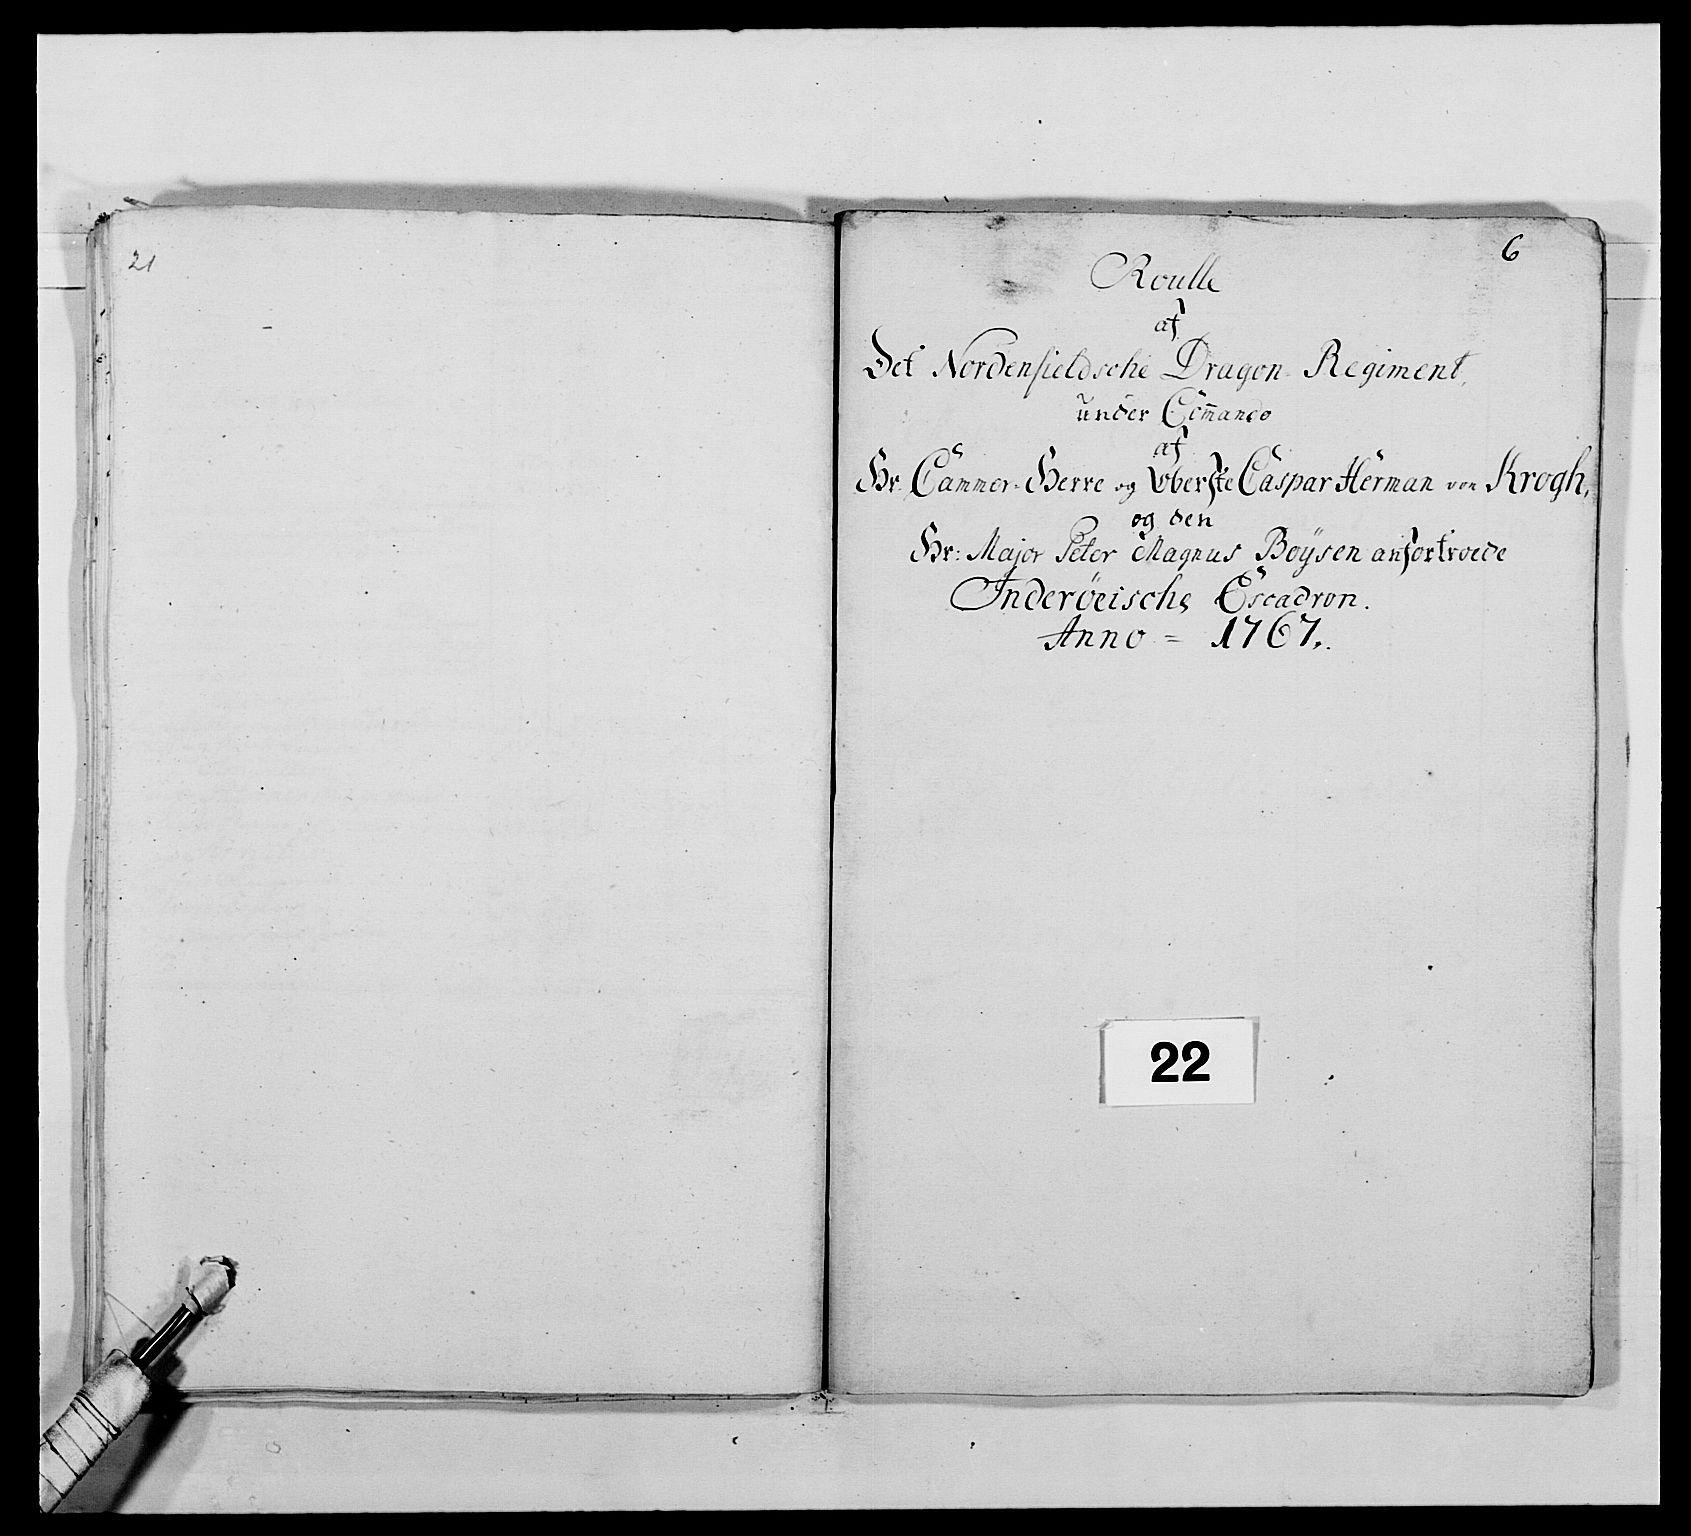 RA, Kommanderende general (KG I) med Det norske krigsdirektorium, E/Ea/L0483: Nordafjelske dragonregiment, 1765-1767, s. 560